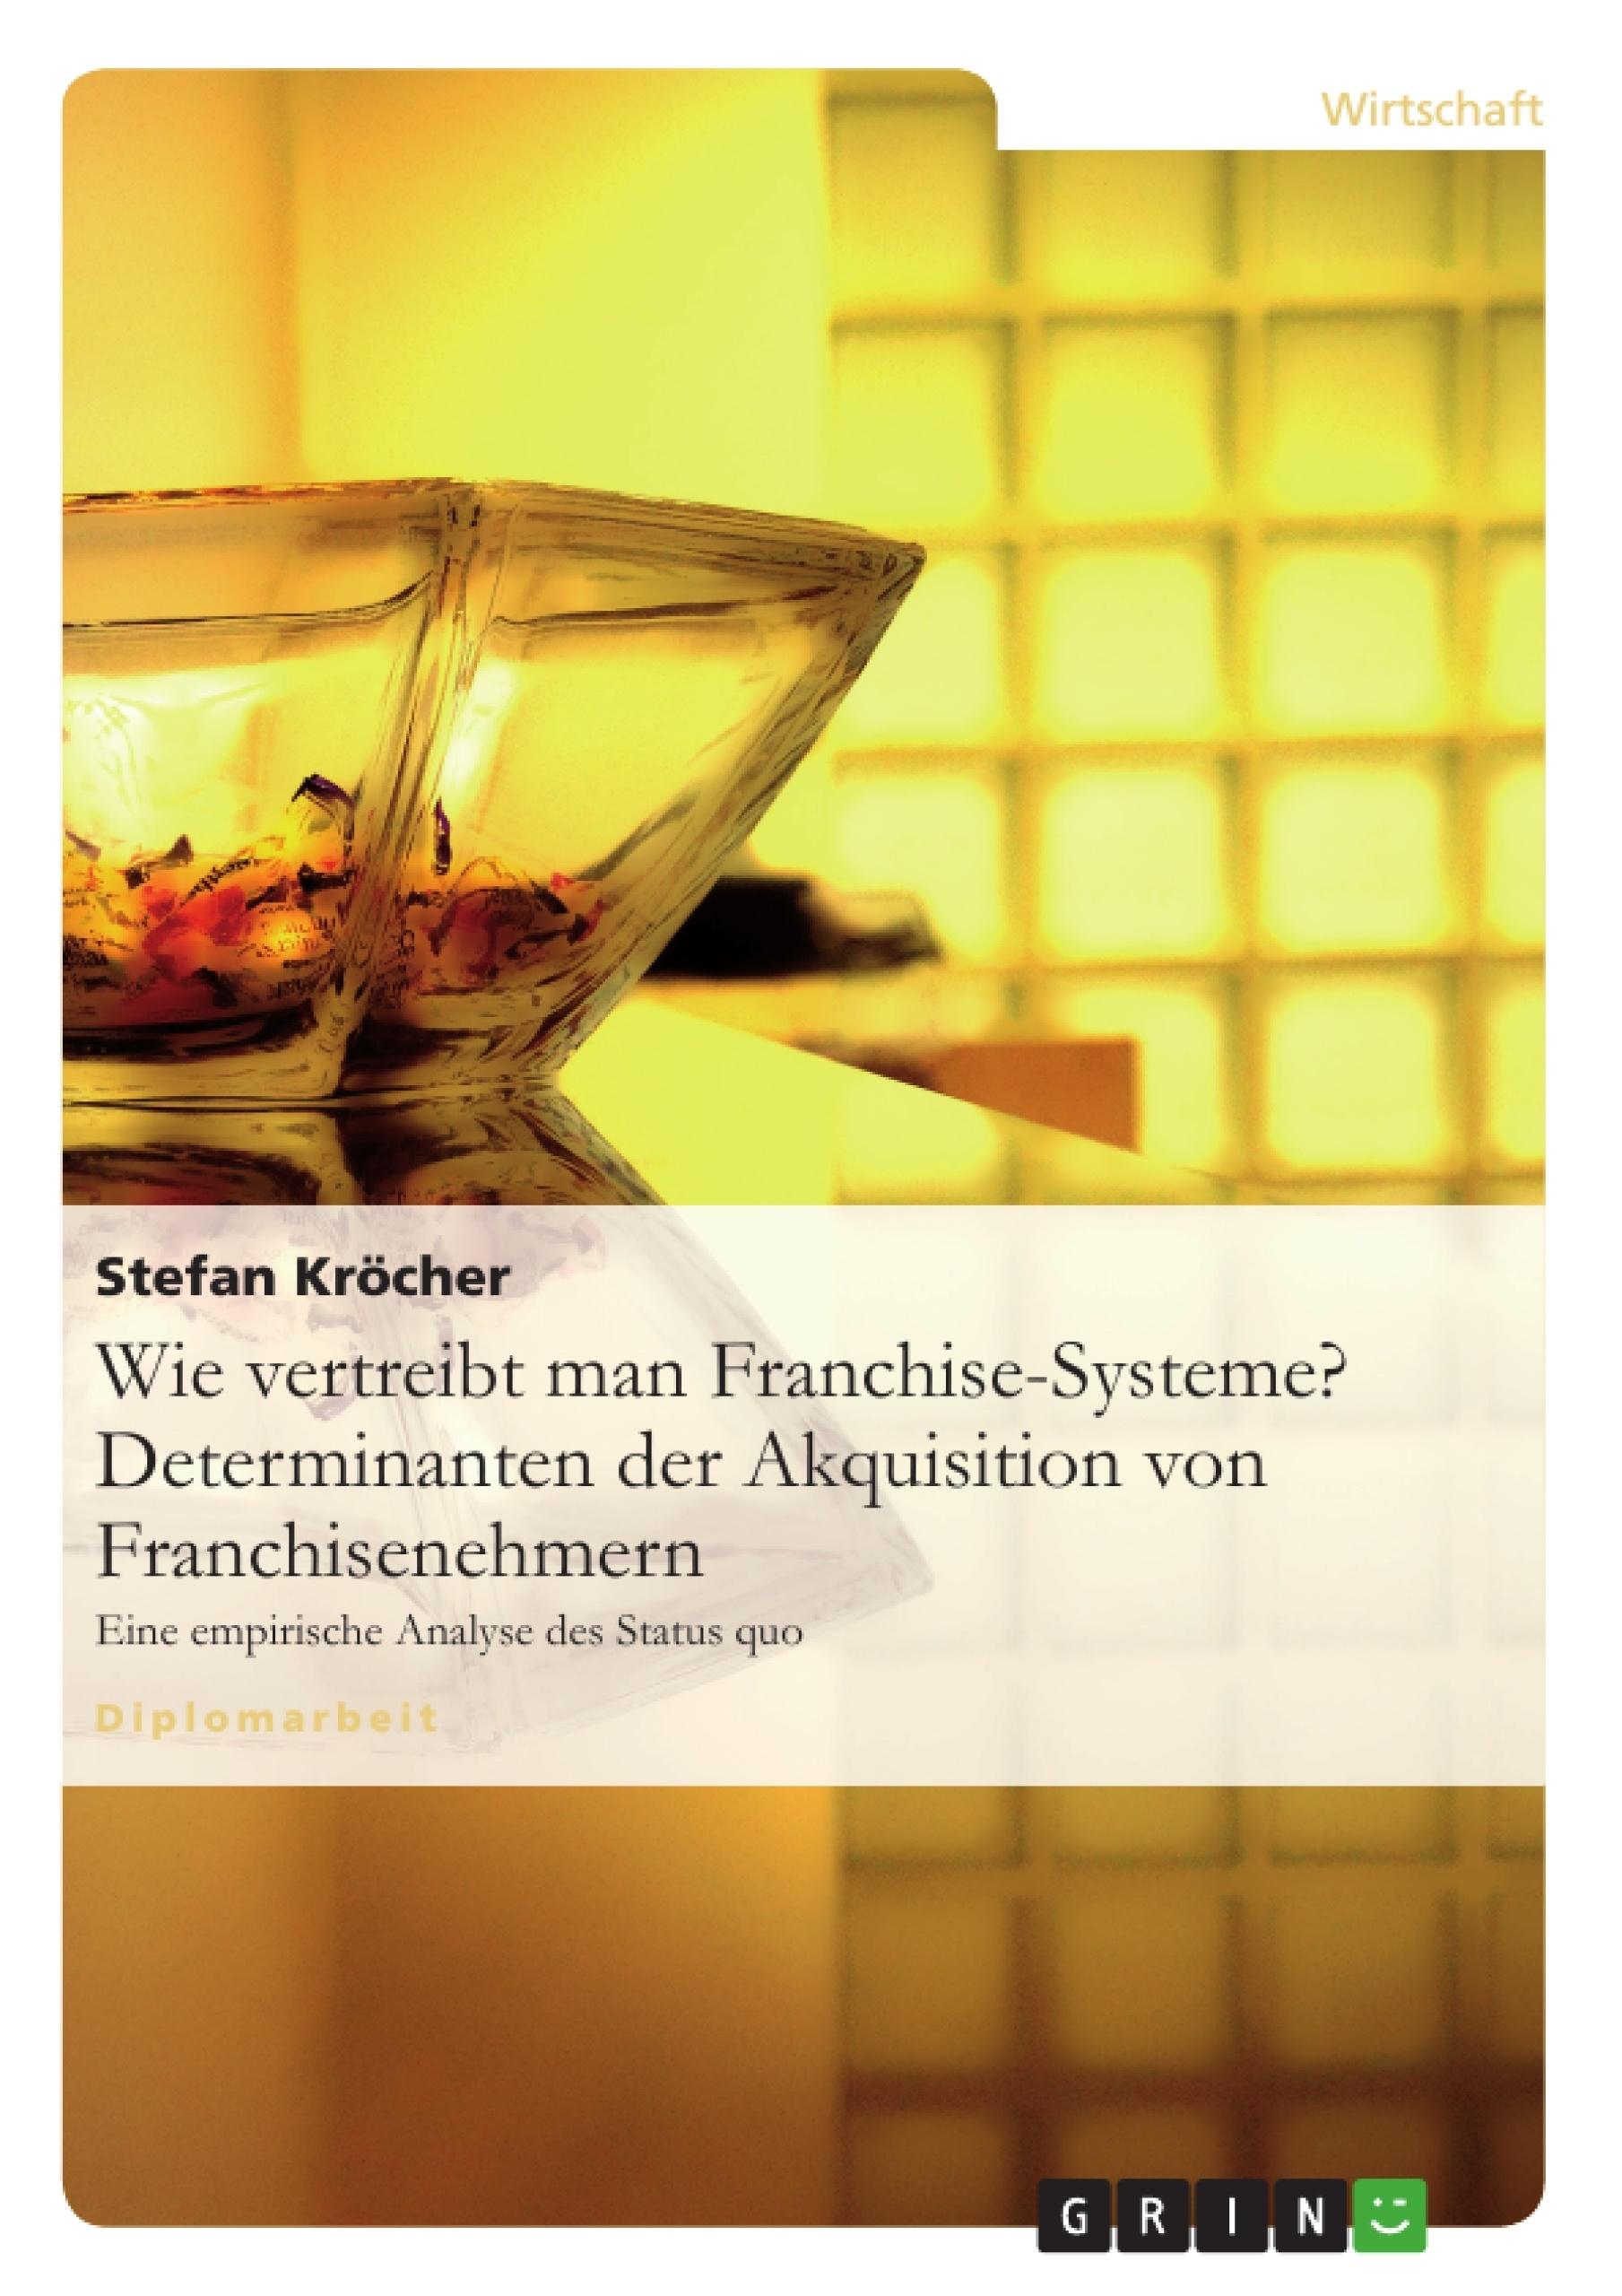 Titel: Wie vertreibt man Franchise-Systeme? Determinanten der Akquisition von Franchisenehmern